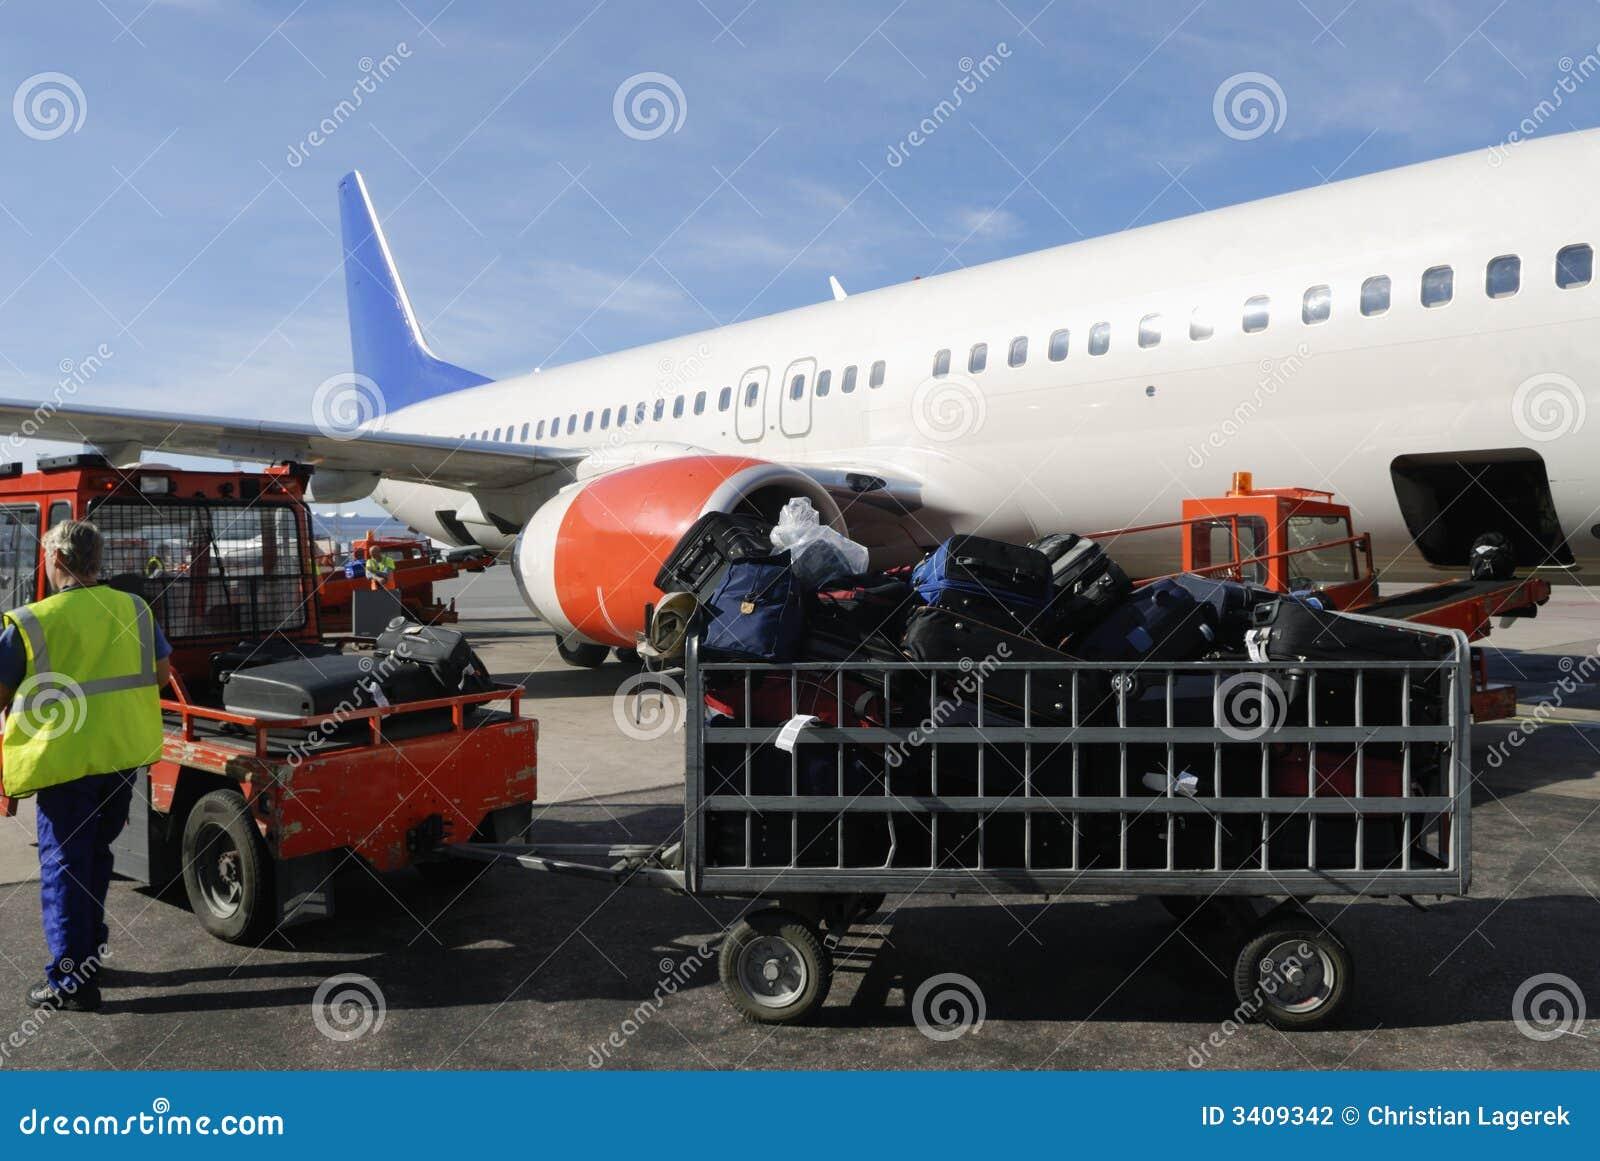 Verkehrsflugzeug geladen mit Koffern